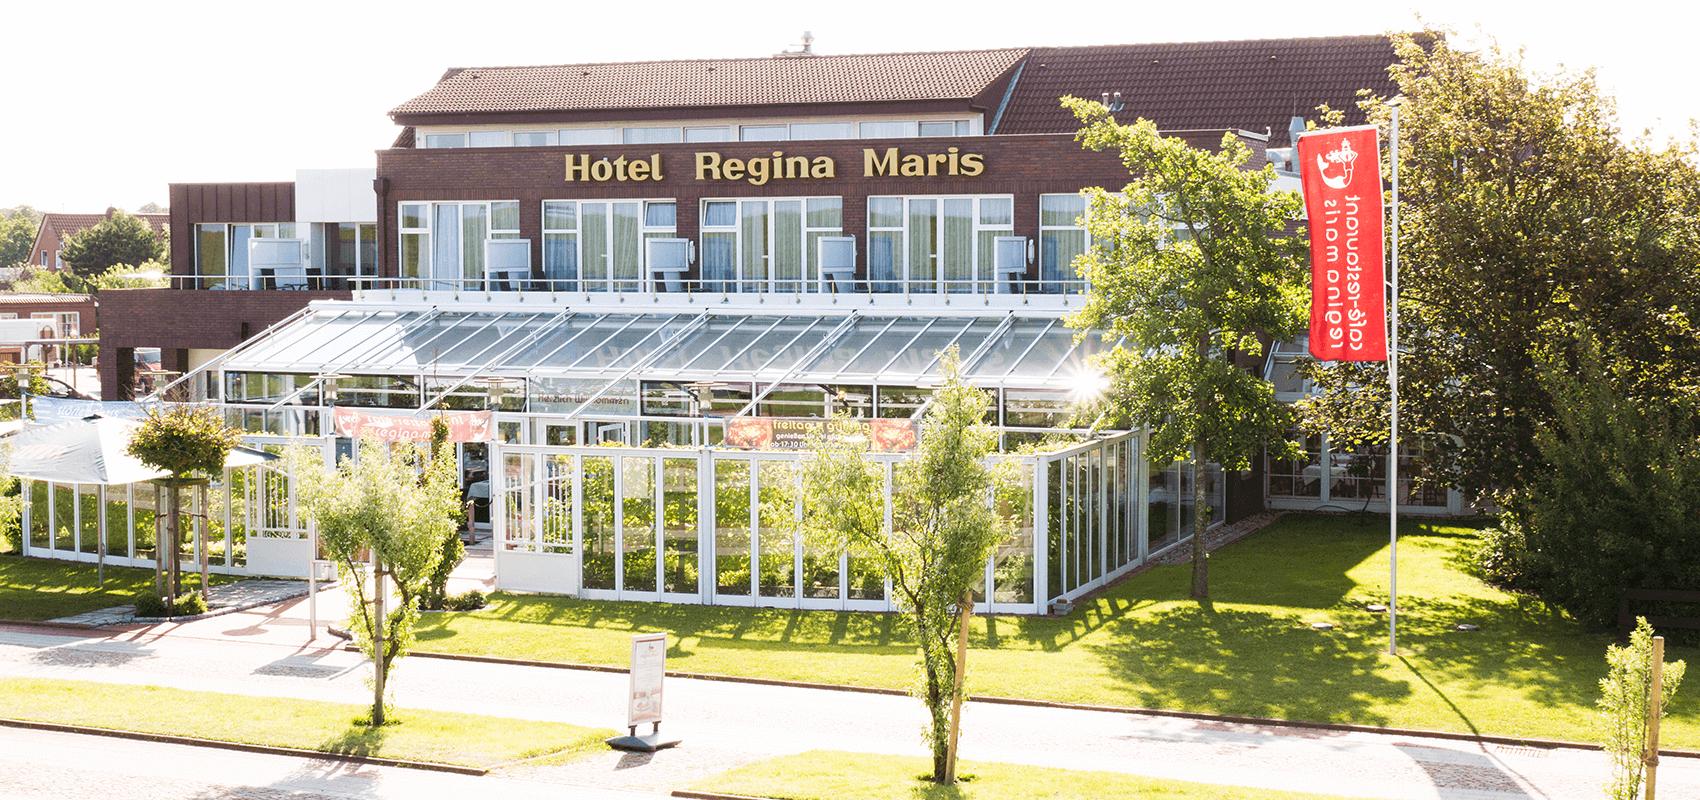 Hotel Regina Maris, Norden-Norddeich, Nordsee, Ostfriesland, Aussenansicht